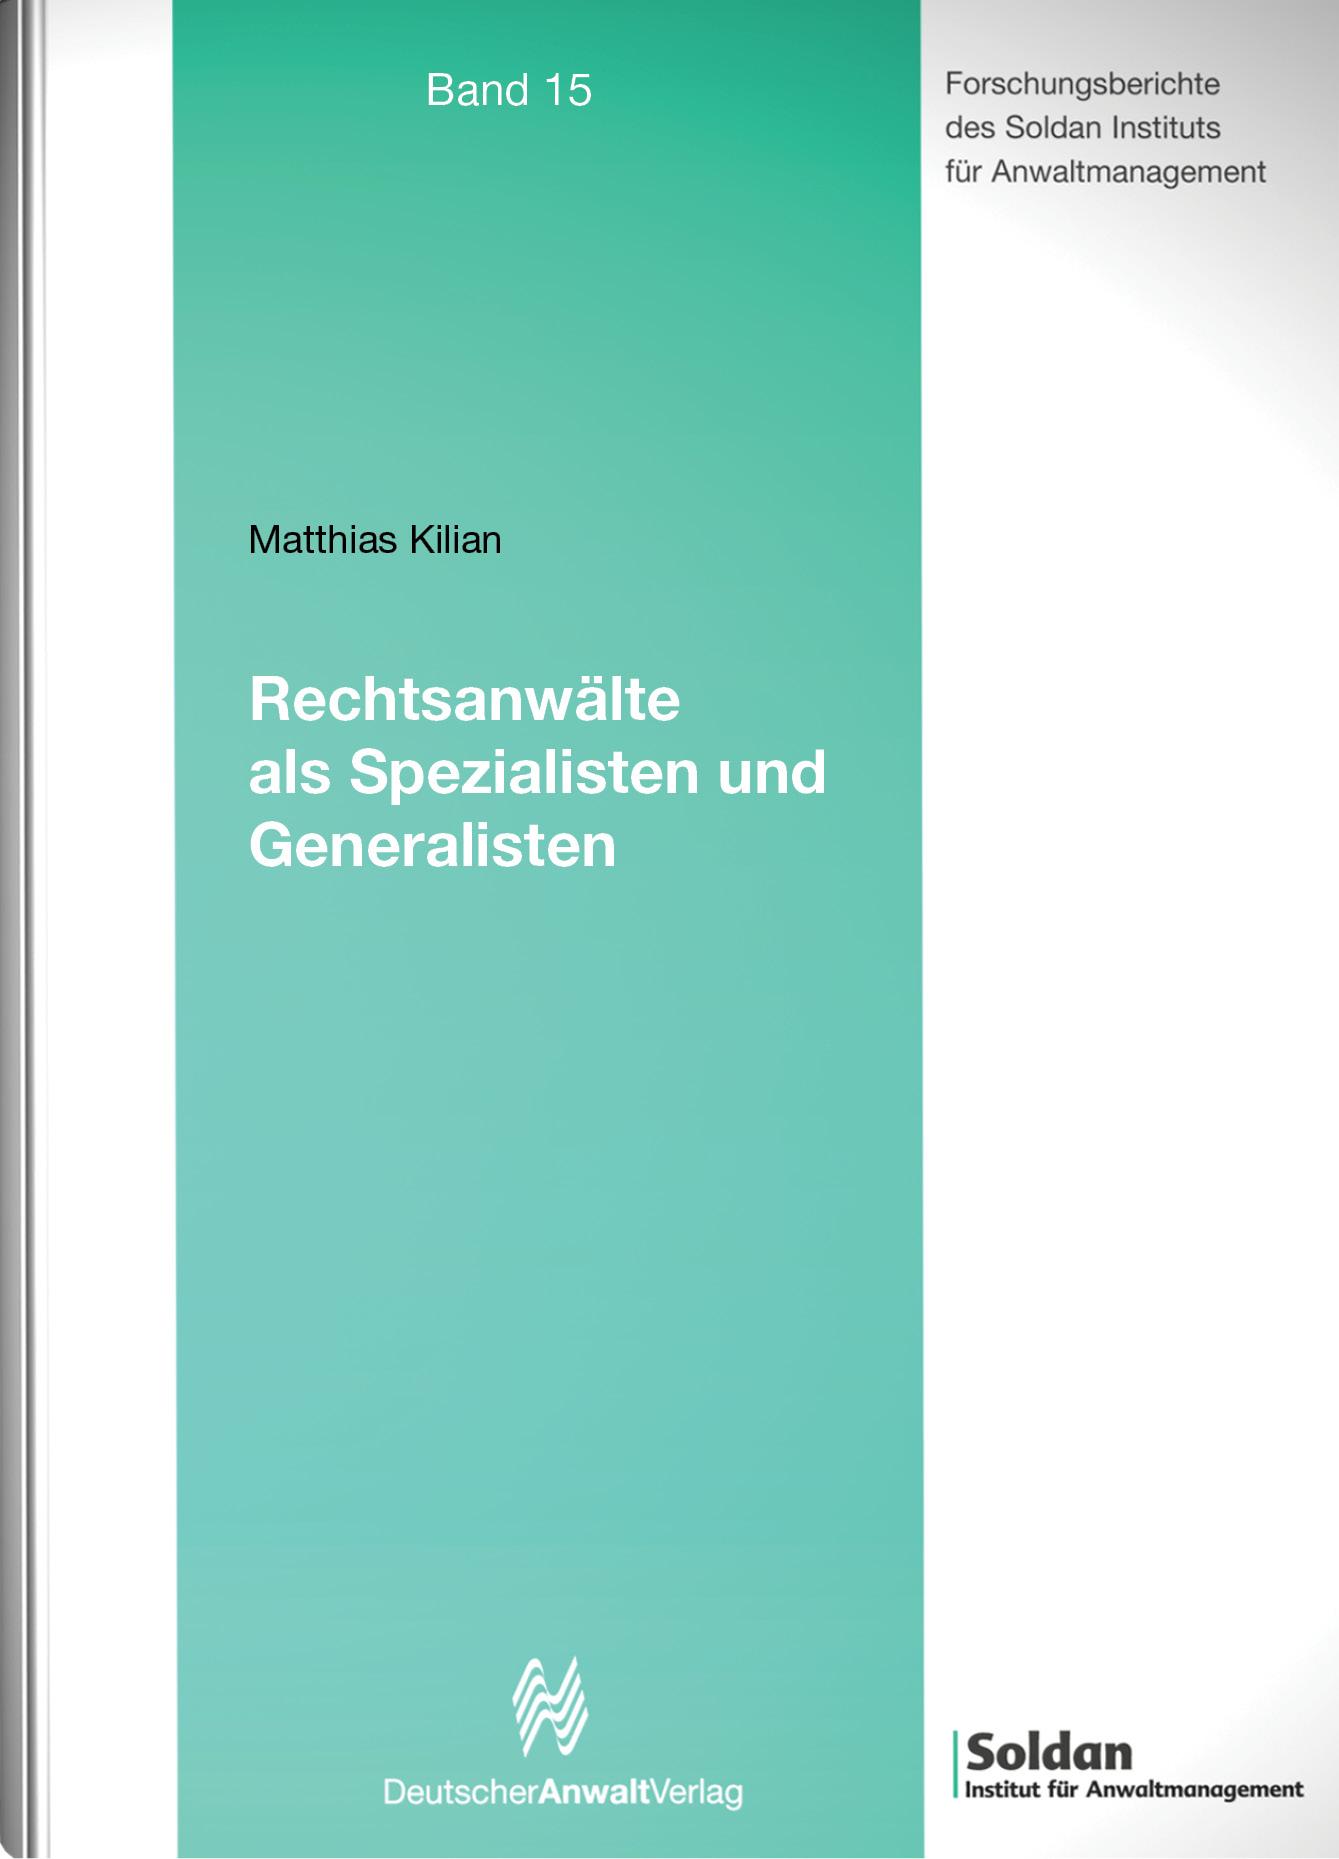 Rechtsanwälte als Spezialisten und Generalisten Matthias Kilian